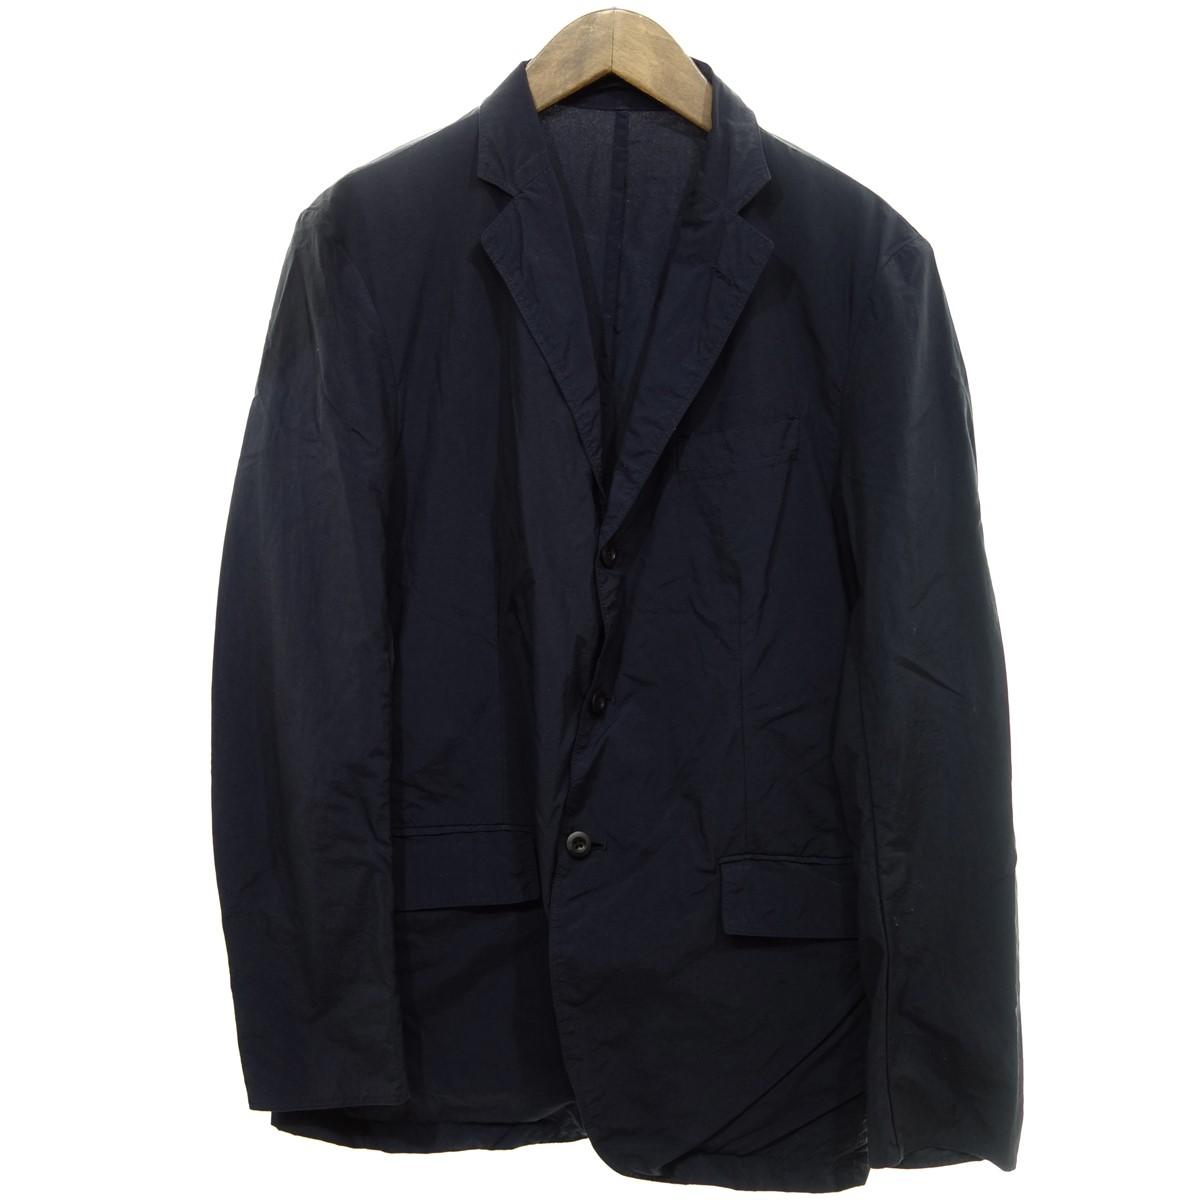 【中古】TEATORA Device JKT - PACKABLE パッカブルジャケット ネイビー サイズ:46 【290820】(テアトラ)